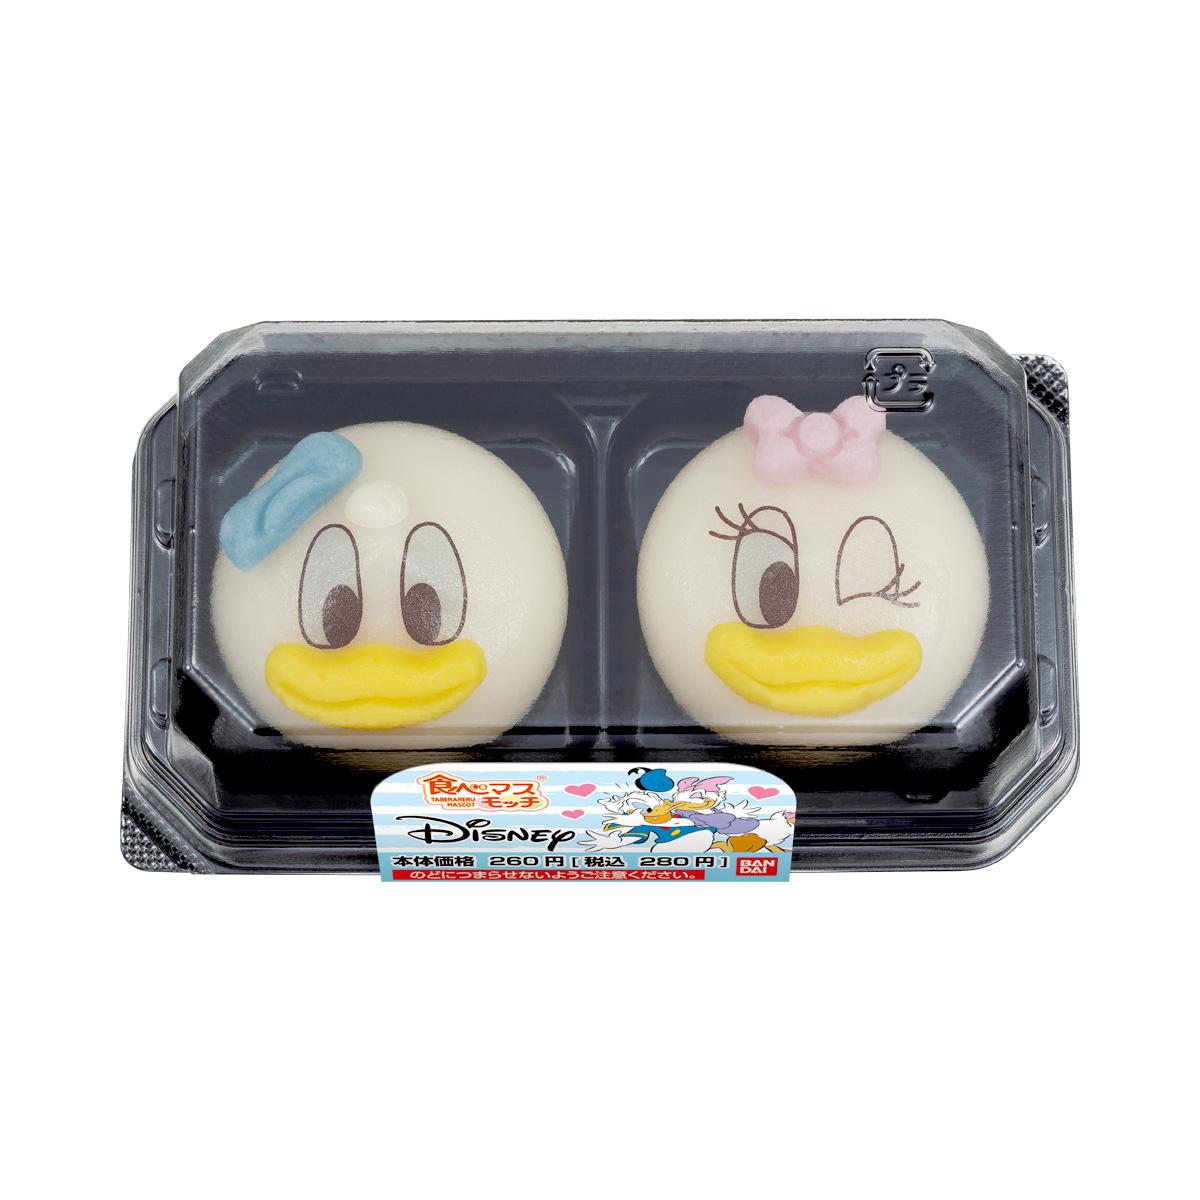 食べマスモッチ Disney ドナルドダック&デイジーダック_0